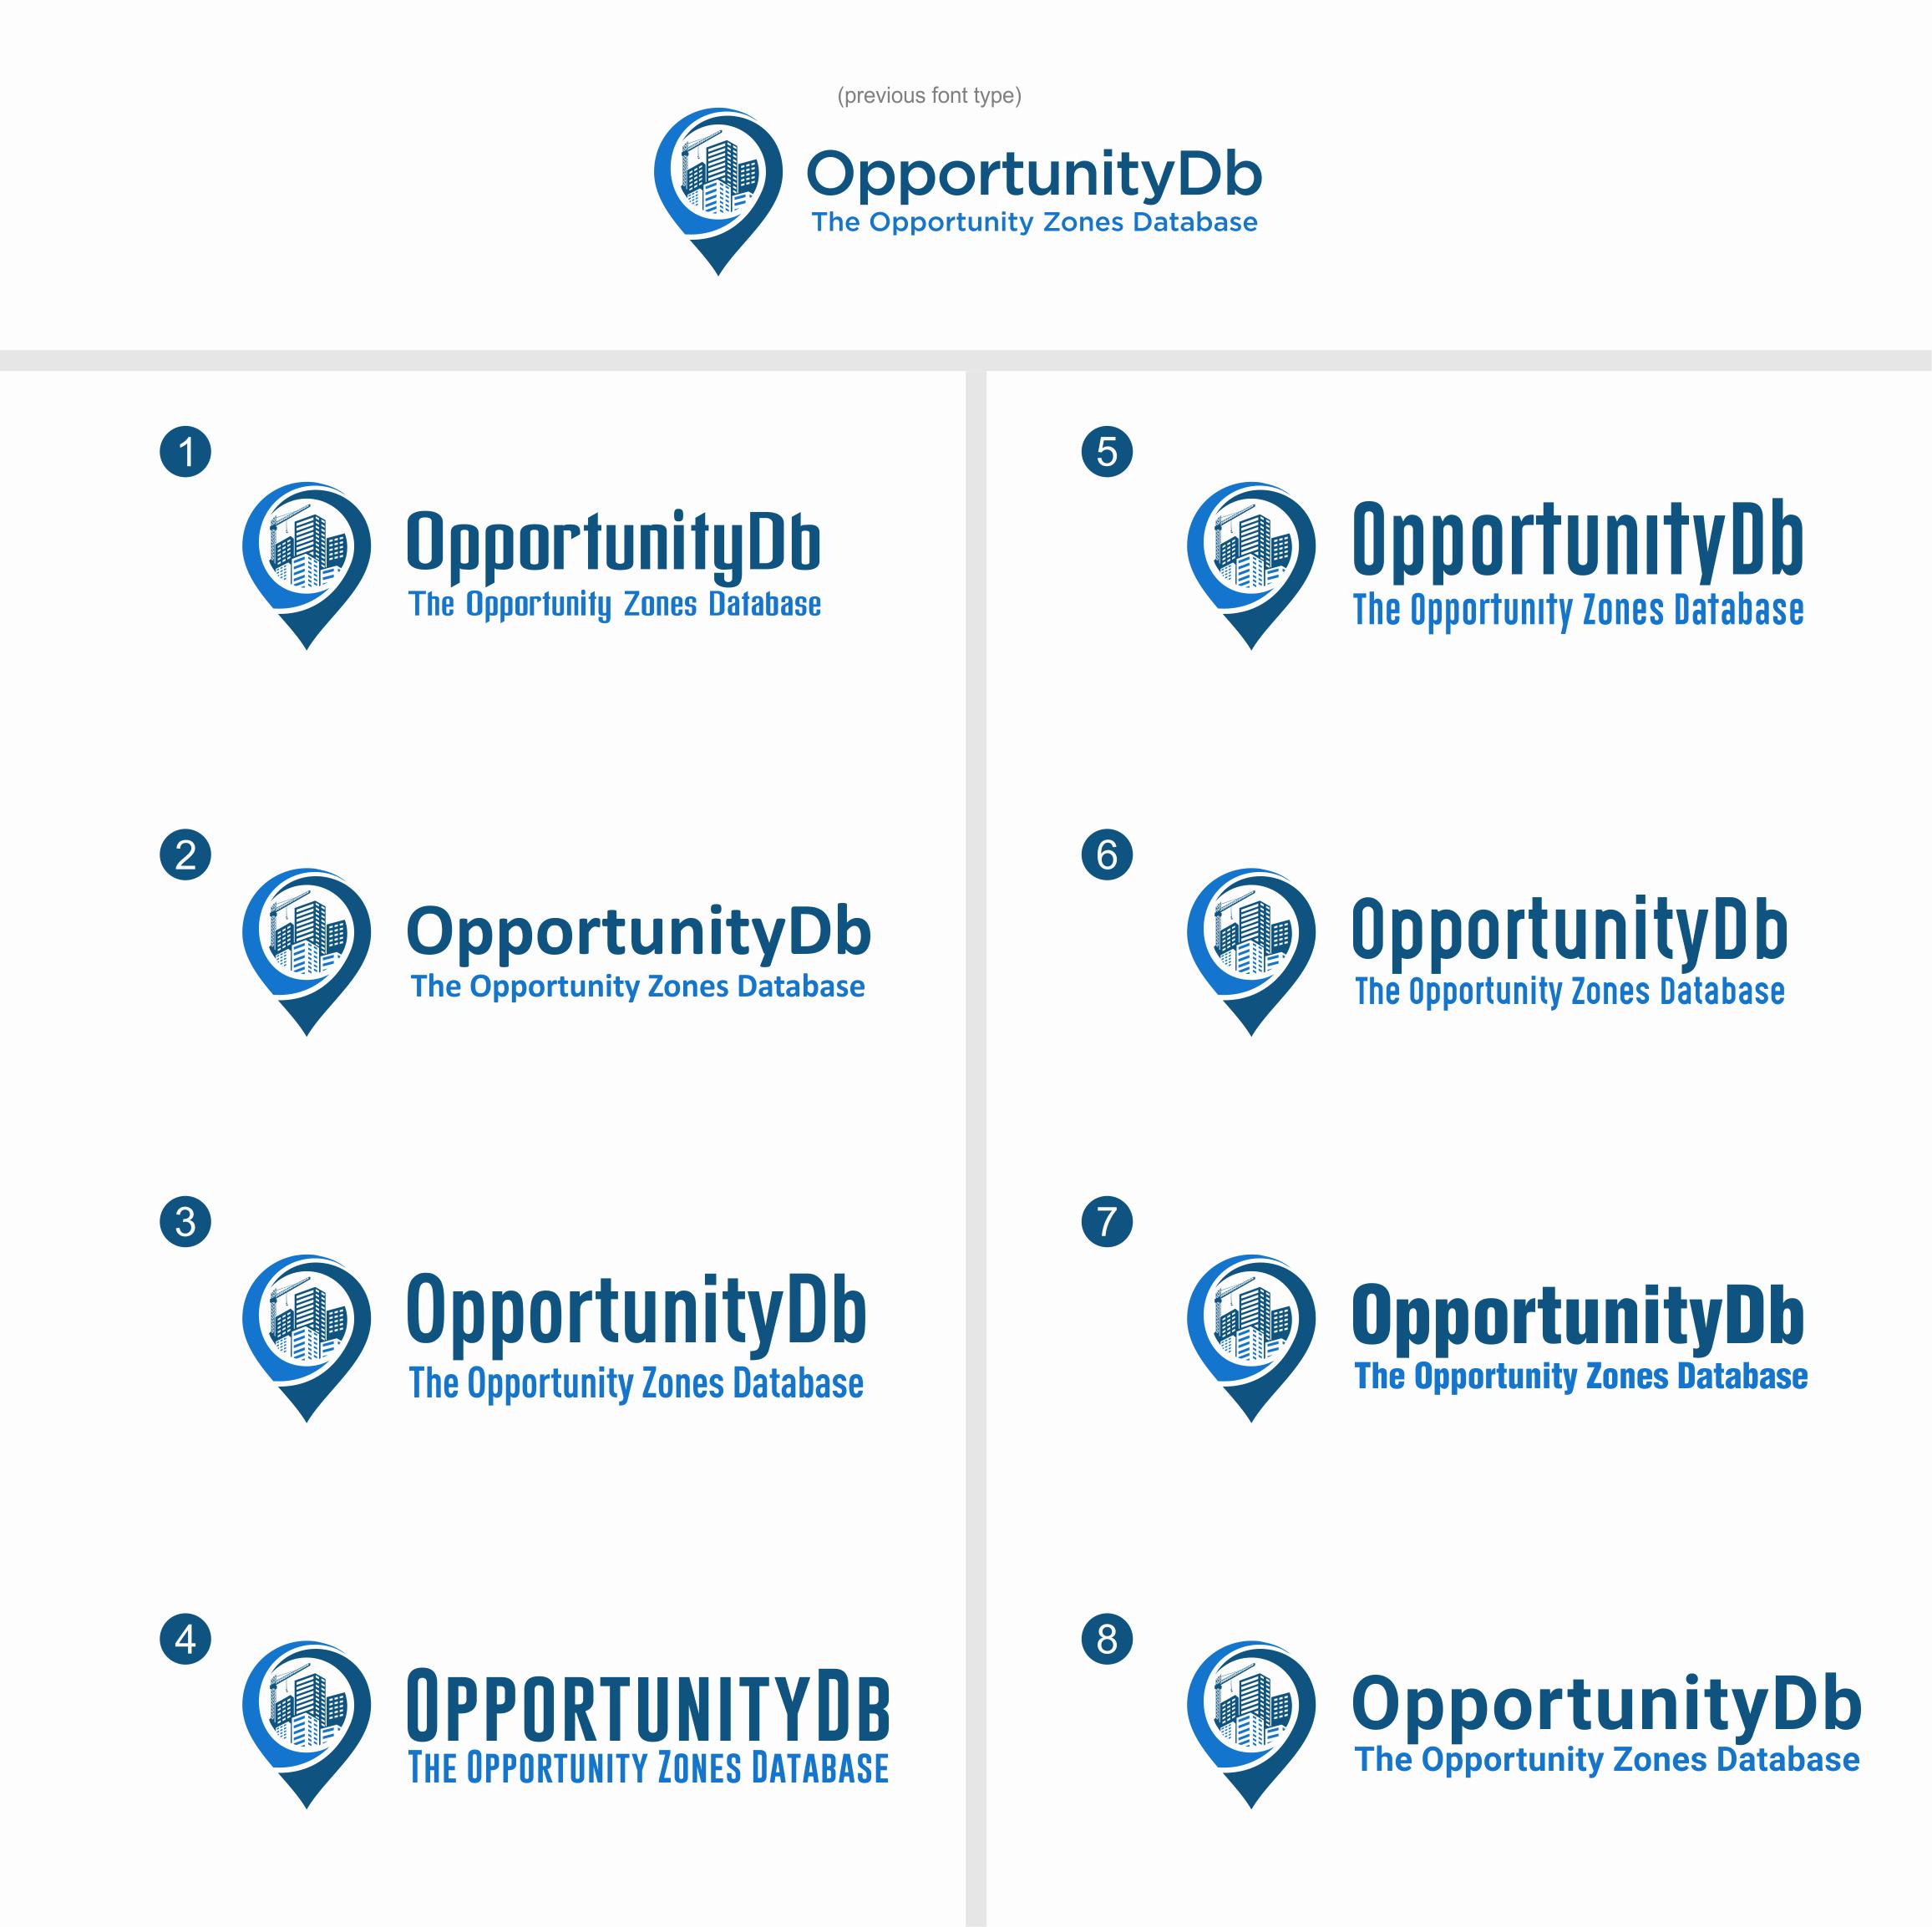 Design a slick new logo for OpportunityDb